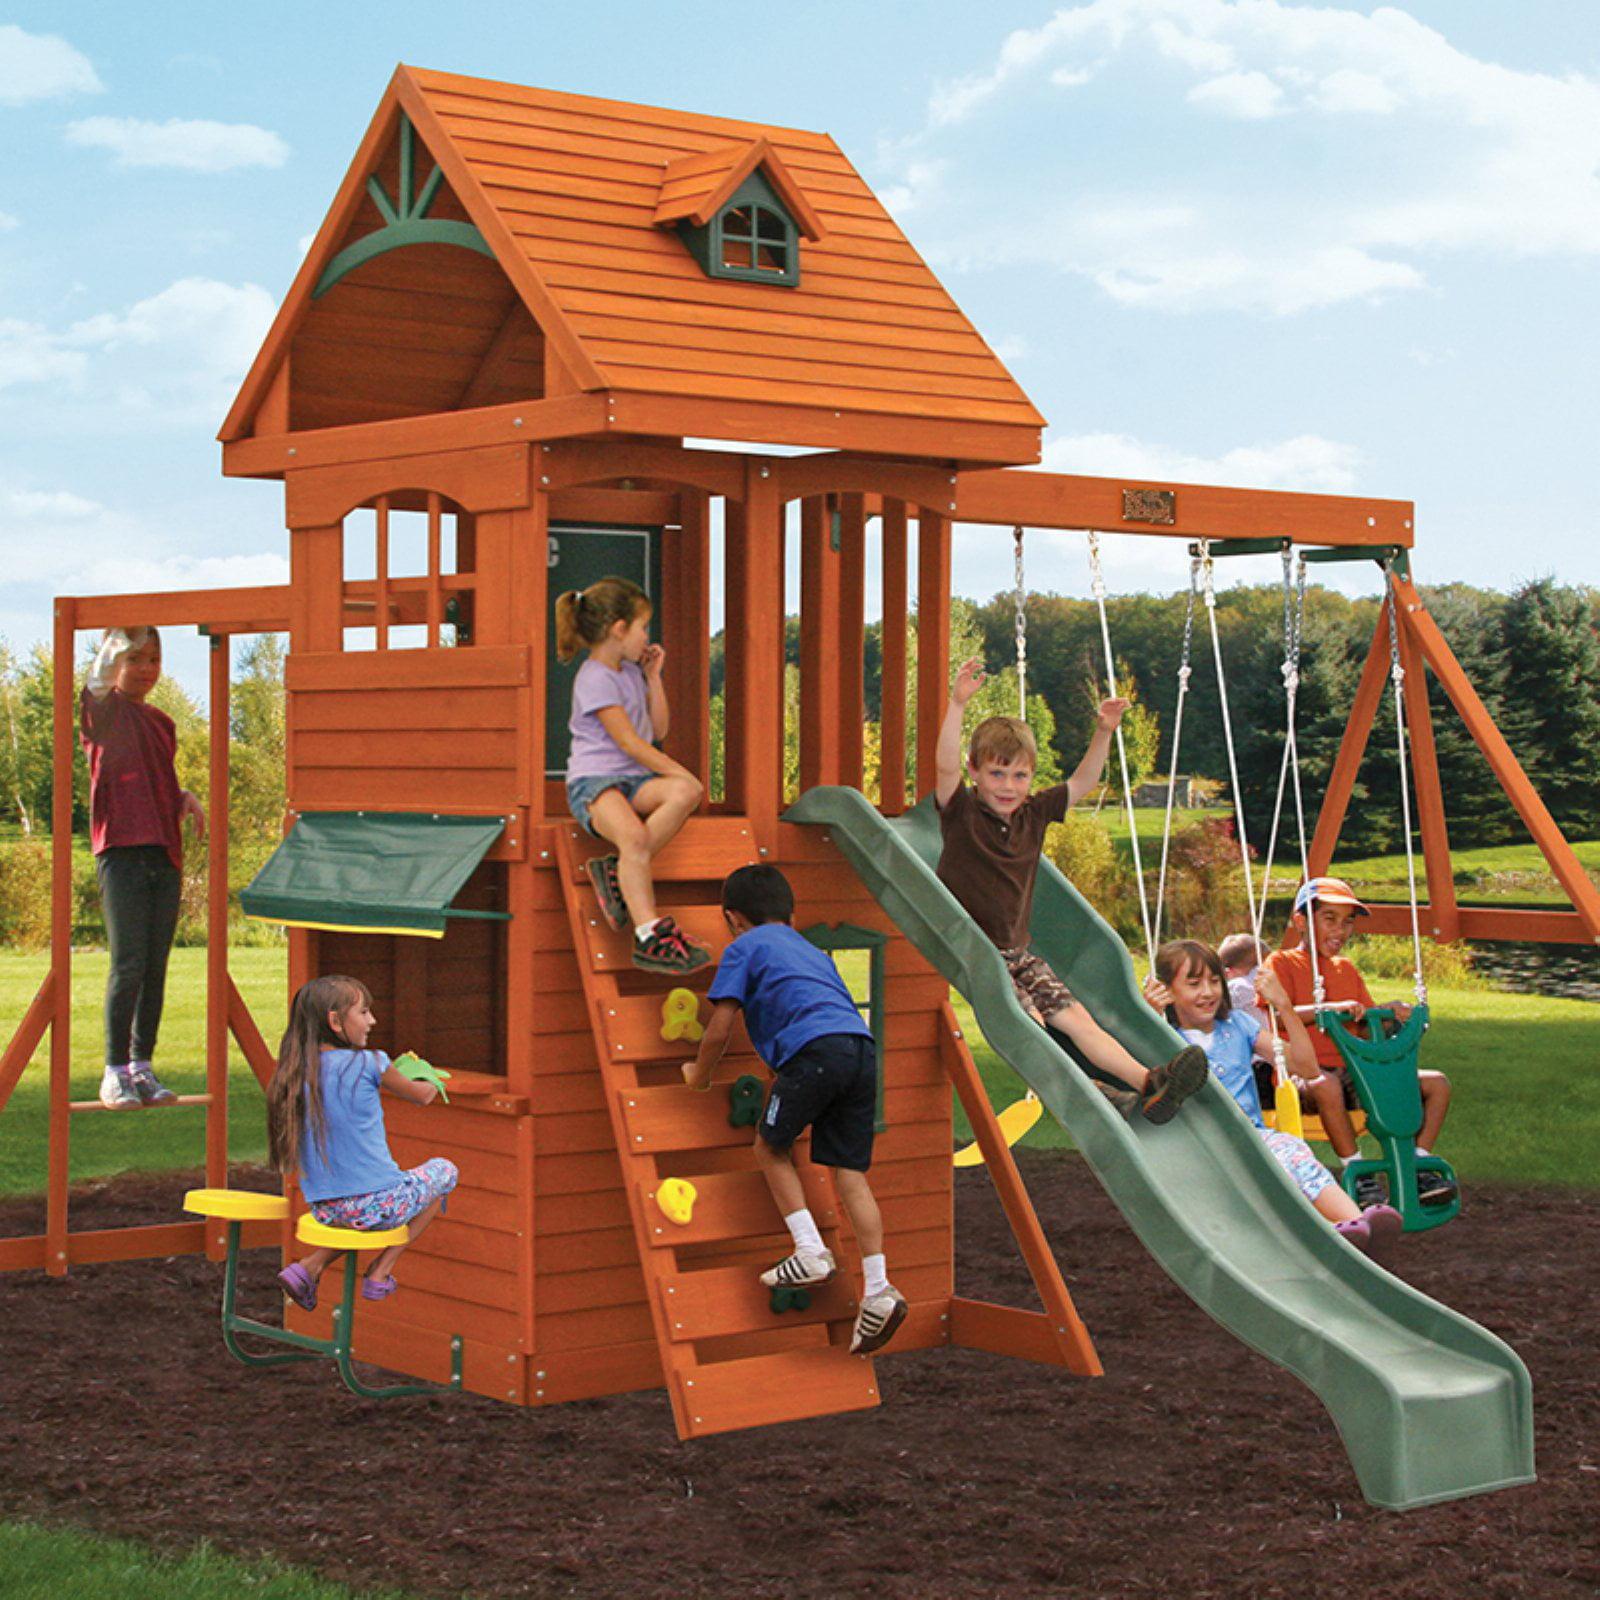 Big Backyard Swing Sets big backyard ridgeview deluxe clubhouse swing set - walmart